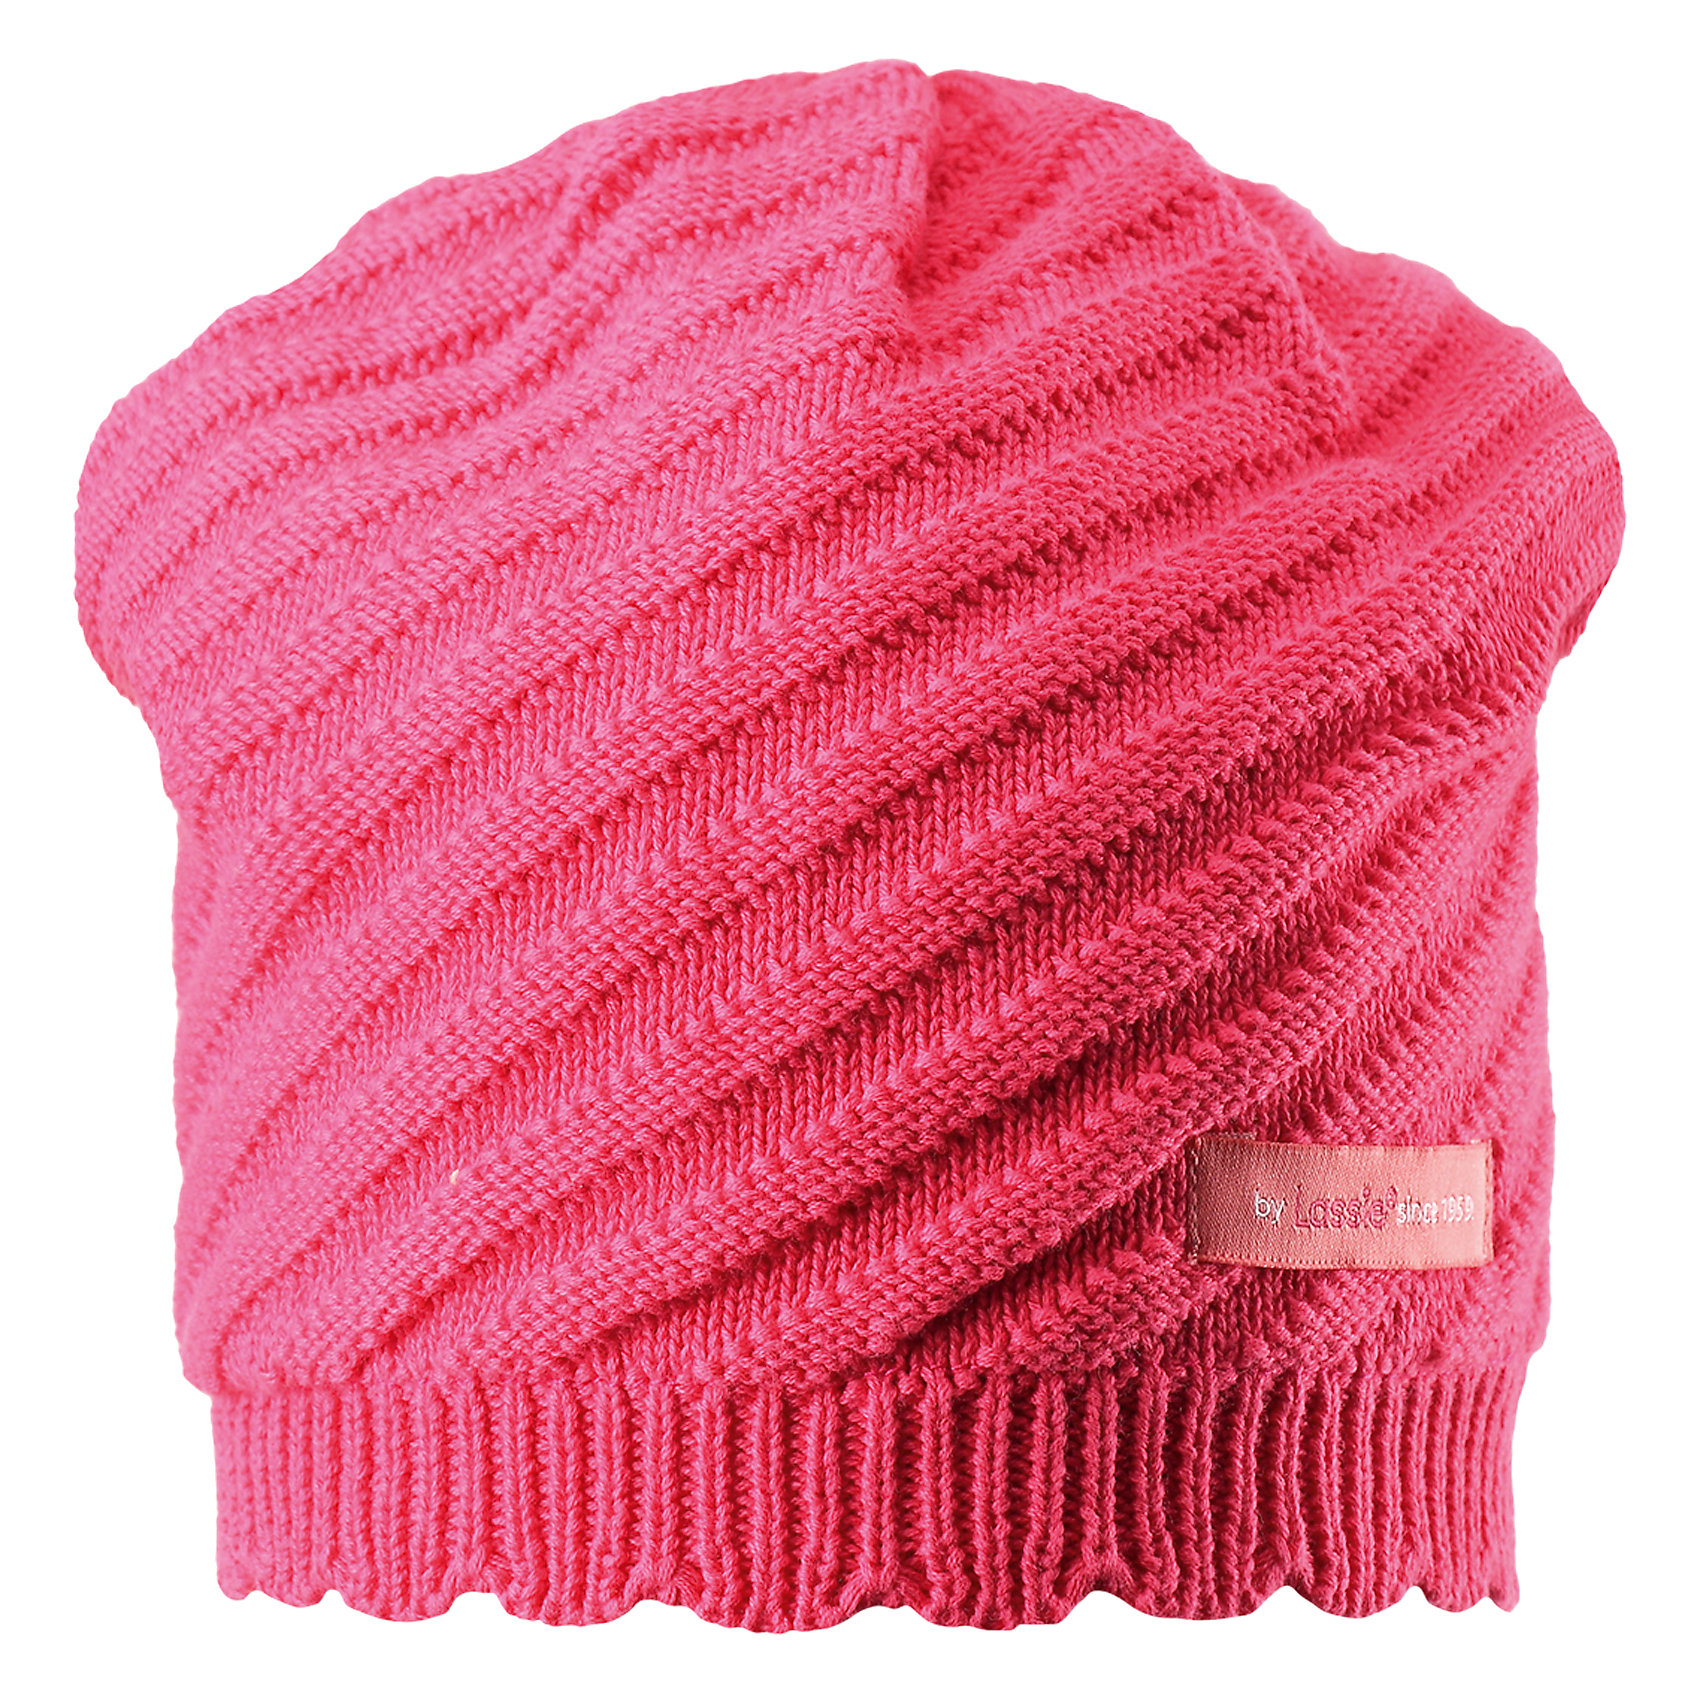 Шапка для девочки LASSIEШапки и шарфы<br>Характеристики товара:<br><br>• цвет: розовый<br>• температурный режим: от +15°до +5°С<br>• состав: 100% хлопок<br>• эластичный материал<br>• мягкая сплошная подкладка: смесь хлопка jersey<br>• ветронепроницаемые вставки в области ушей<br>• декоративная эмблема<br>• комфортная посадка<br>• страна производства: Китай<br>• страна бренда: Финляндия<br>• коллекция: весна-лето 2017<br><br>Детский головной убор может быть модным и удобным одновременно! Стильная шапка поможет обеспечить ребенку комфорт и дополнить наряд. Она отлично смотрится с различной одеждой. Шапка удобно сидит и аккуратно выглядит. Проста в уходе, долго служит. Продуманный крой разрабатывался специально для детей.<br><br>Обувь и одежда от финского бренда LASSIE пользуются популярностью во многих странах. Они стильные, качественные и удобные. Для производства продукции используются только безопасные, проверенные материалы и фурнитура. Порадуйте ребенка модными и красивыми вещами от Lassie®! <br><br>Шапку для девочки от финского бренда LASSIE можно купить в нашем интернет-магазине.<br><br>Ширина мм: 89<br>Глубина мм: 117<br>Высота мм: 44<br>Вес г: 155<br>Цвет: розовый<br>Возраст от месяцев: 72<br>Возраст до месяцев: 120<br>Пол: Женский<br>Возраст: Детский<br>Размер: 54-56,46-48,50-52<br>SKU: 5264203